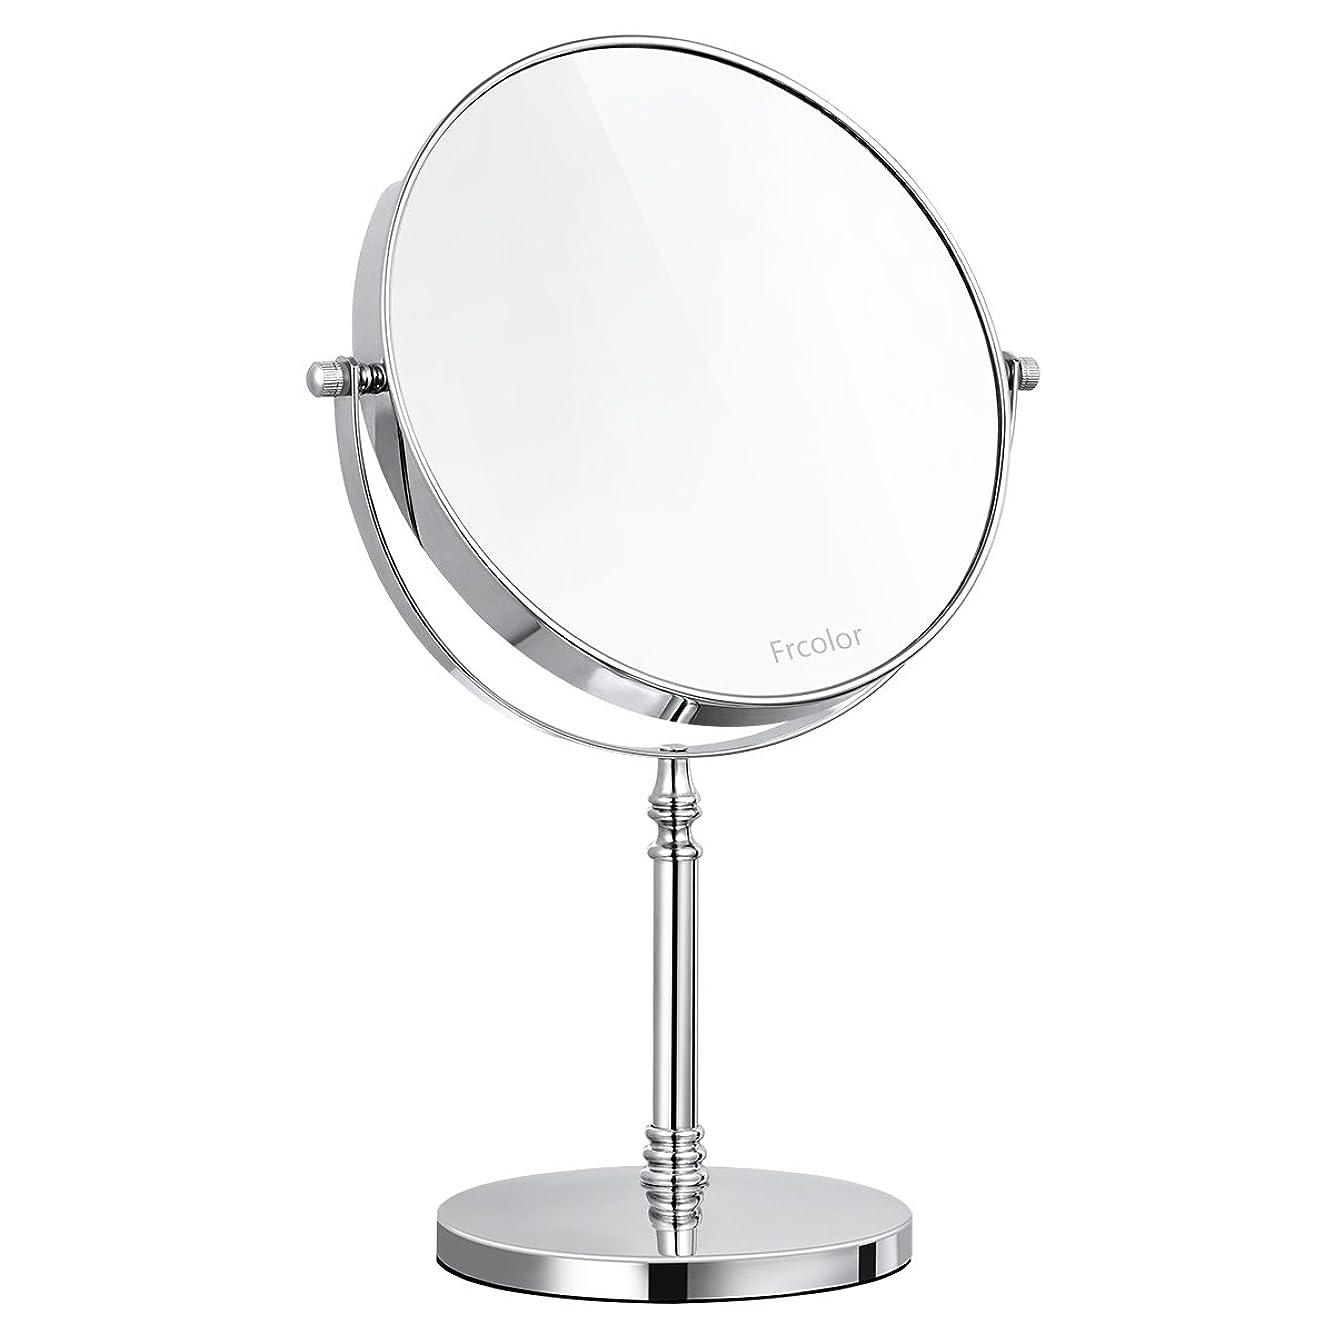 権威鬼ごっこコークスFrcolor 化粧鏡 卓上ミラー 両面鏡 スタンドミラー 10倍拡大鏡 ラウンド 拭く布を付き 8インチ 360度回転 メイクアップミラー